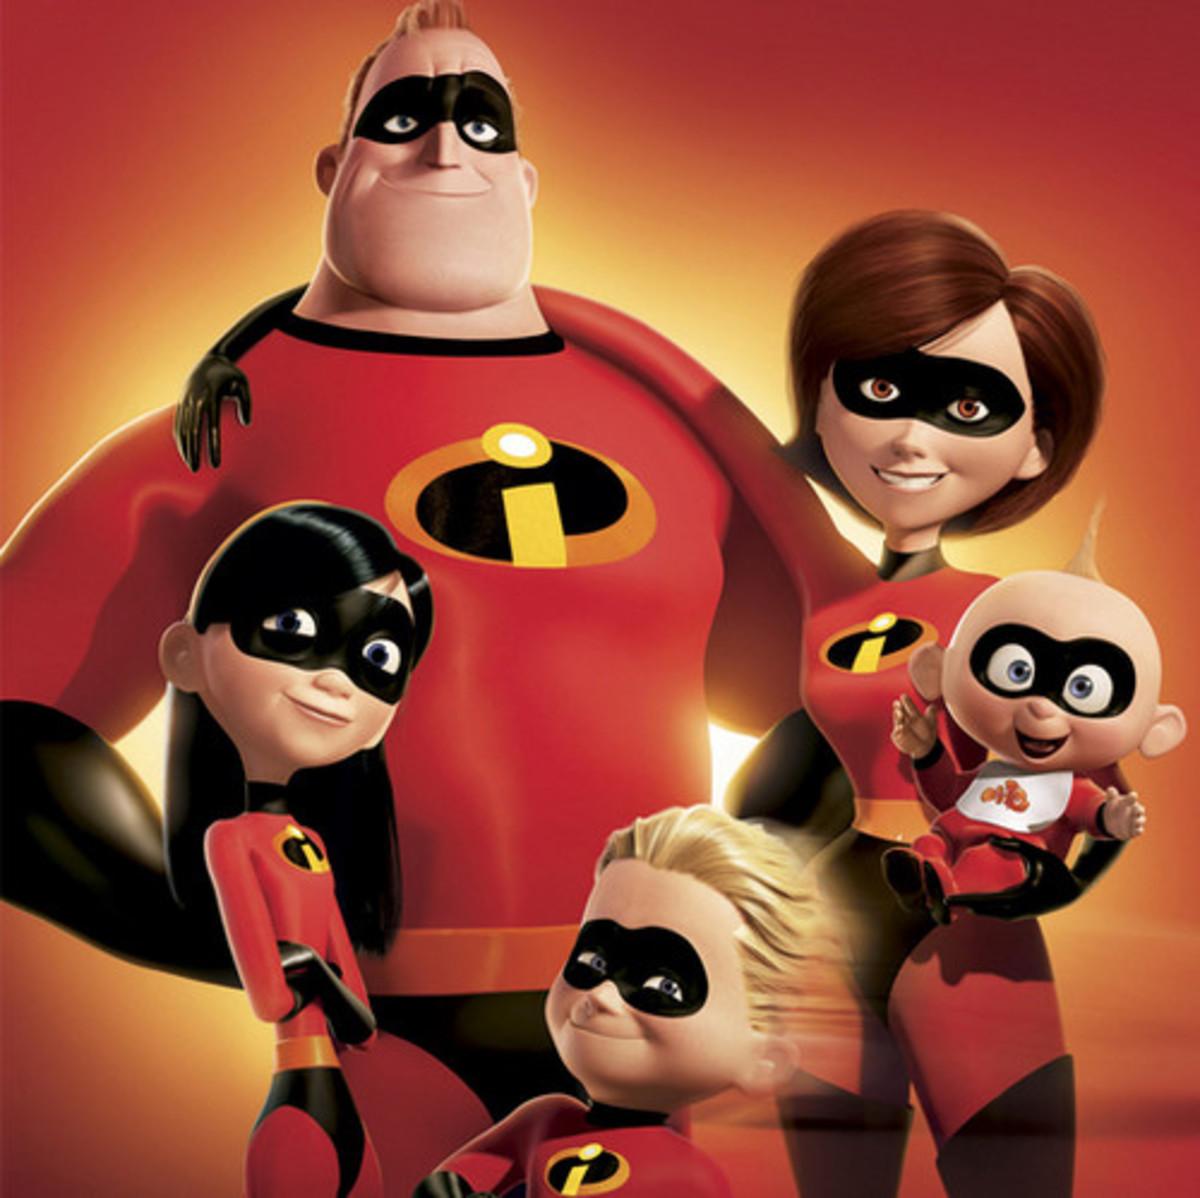 Pixar's The Incredibles 2